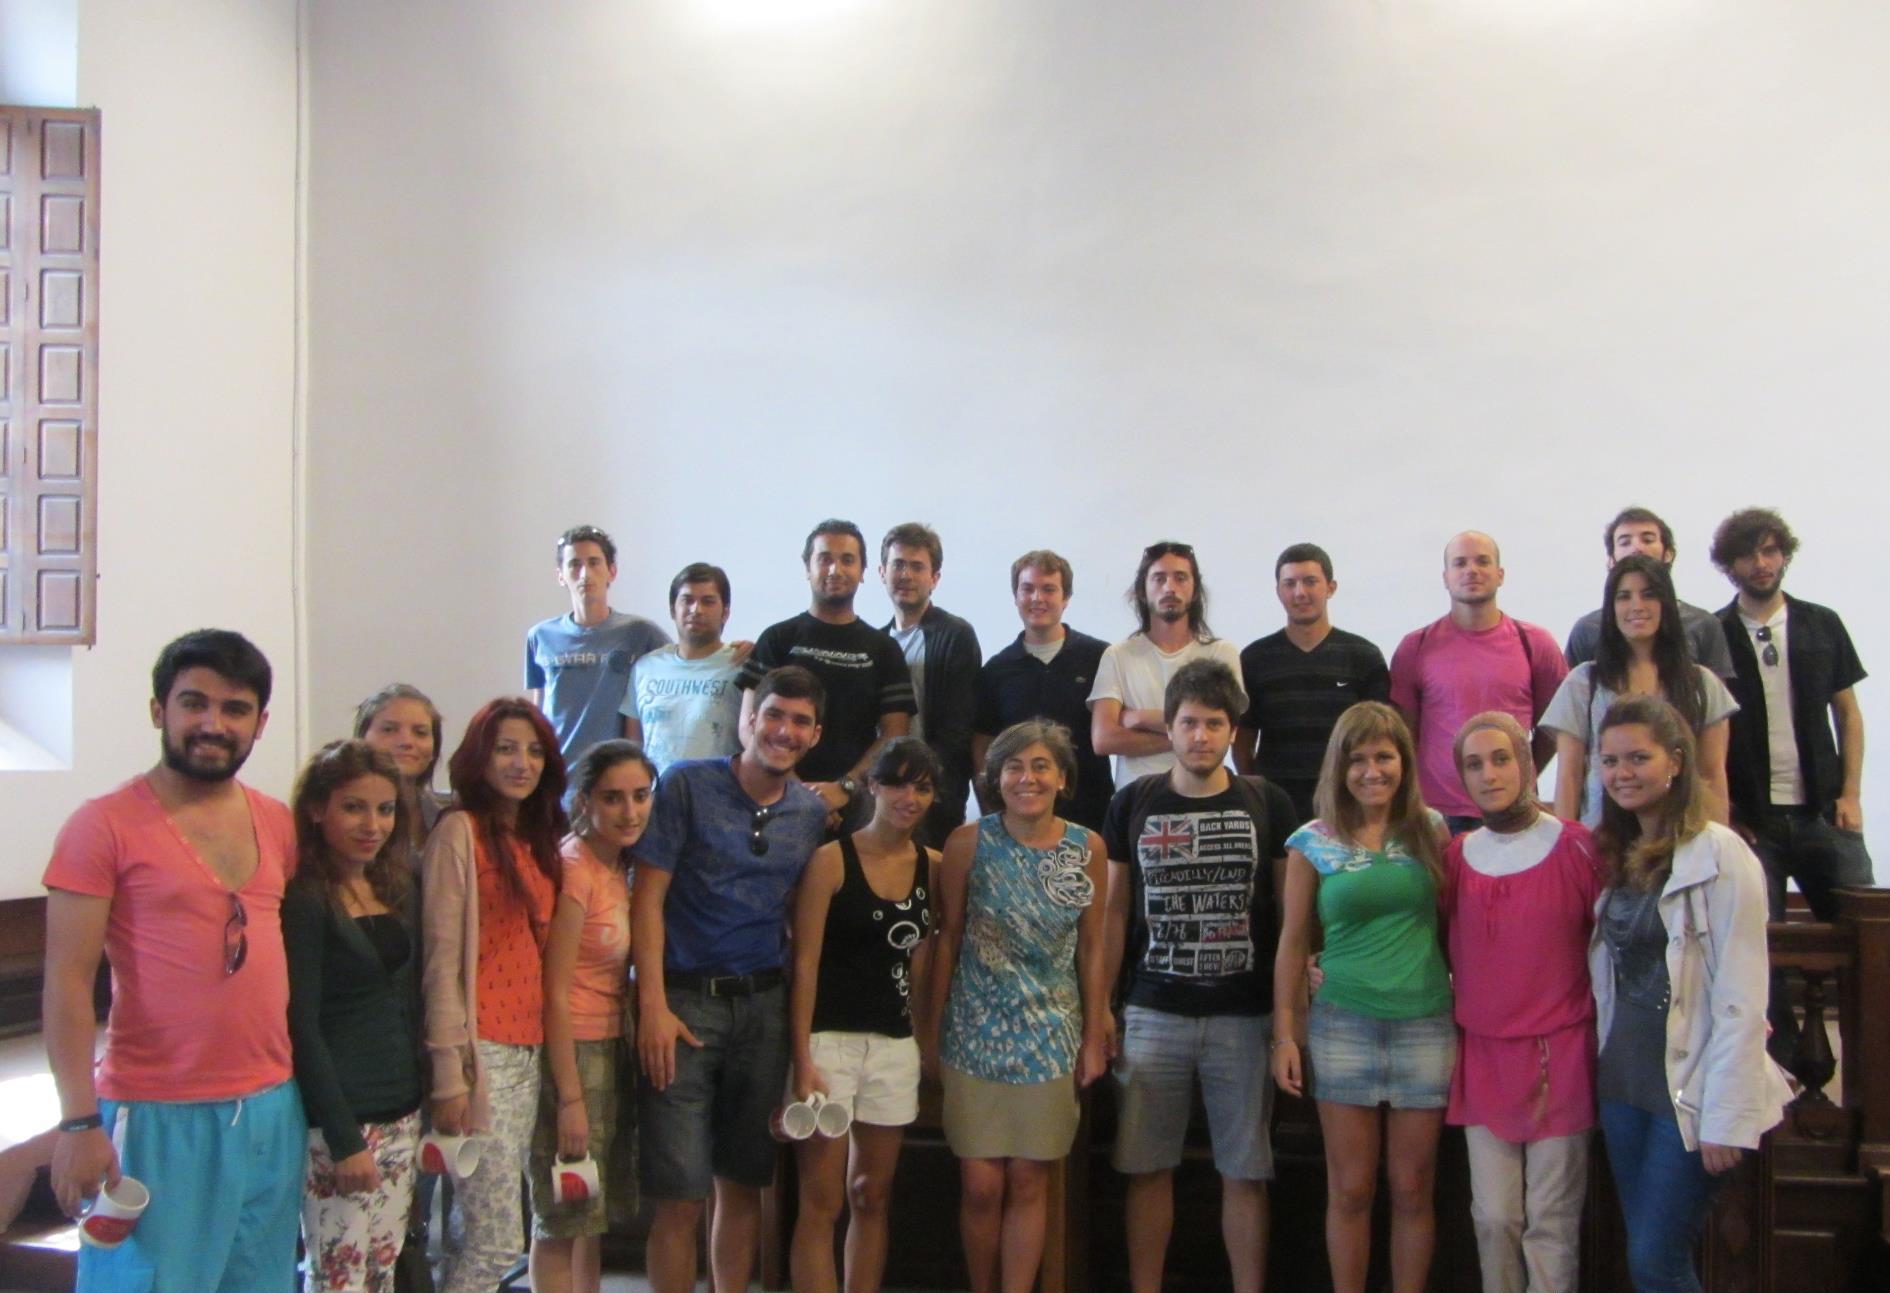 La vicerrectora de Estudiantes e Inserción Profesional recibió la visita de un grupo de jóvenes españoles y turcos dentro de una iniciativa del grupo informal Solgentia